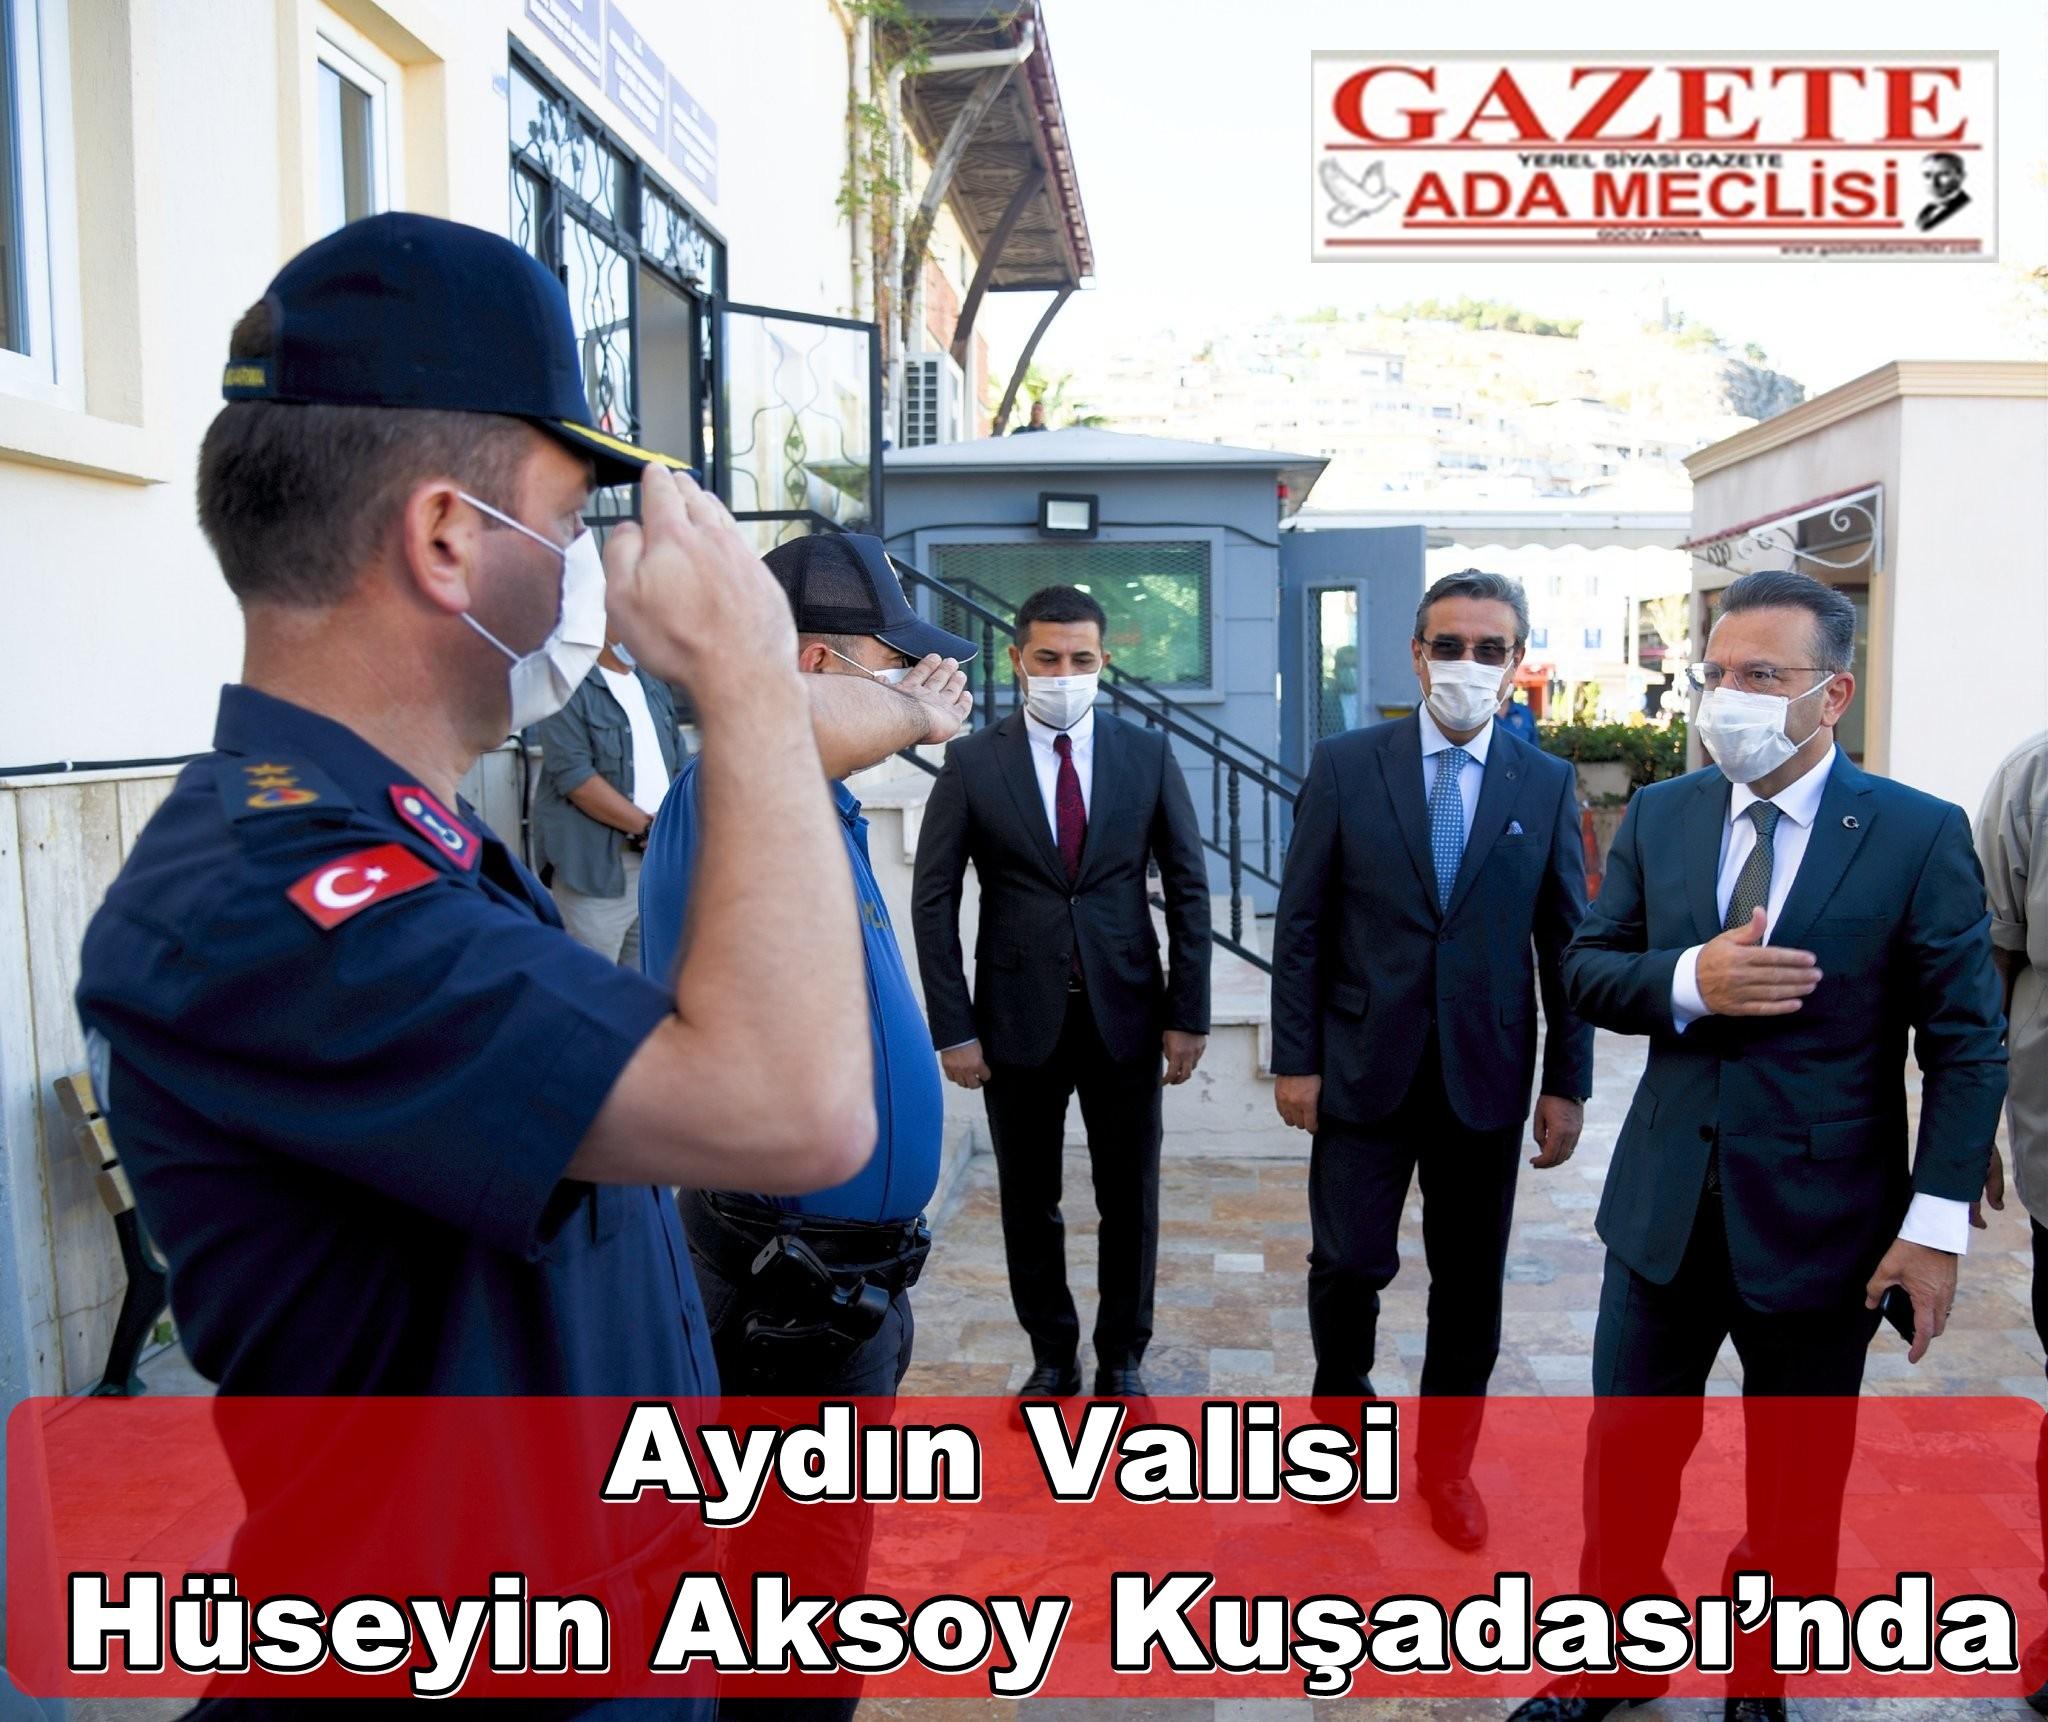 Aydın Valisi Hüseyin Aksoy Kuşadası'nda